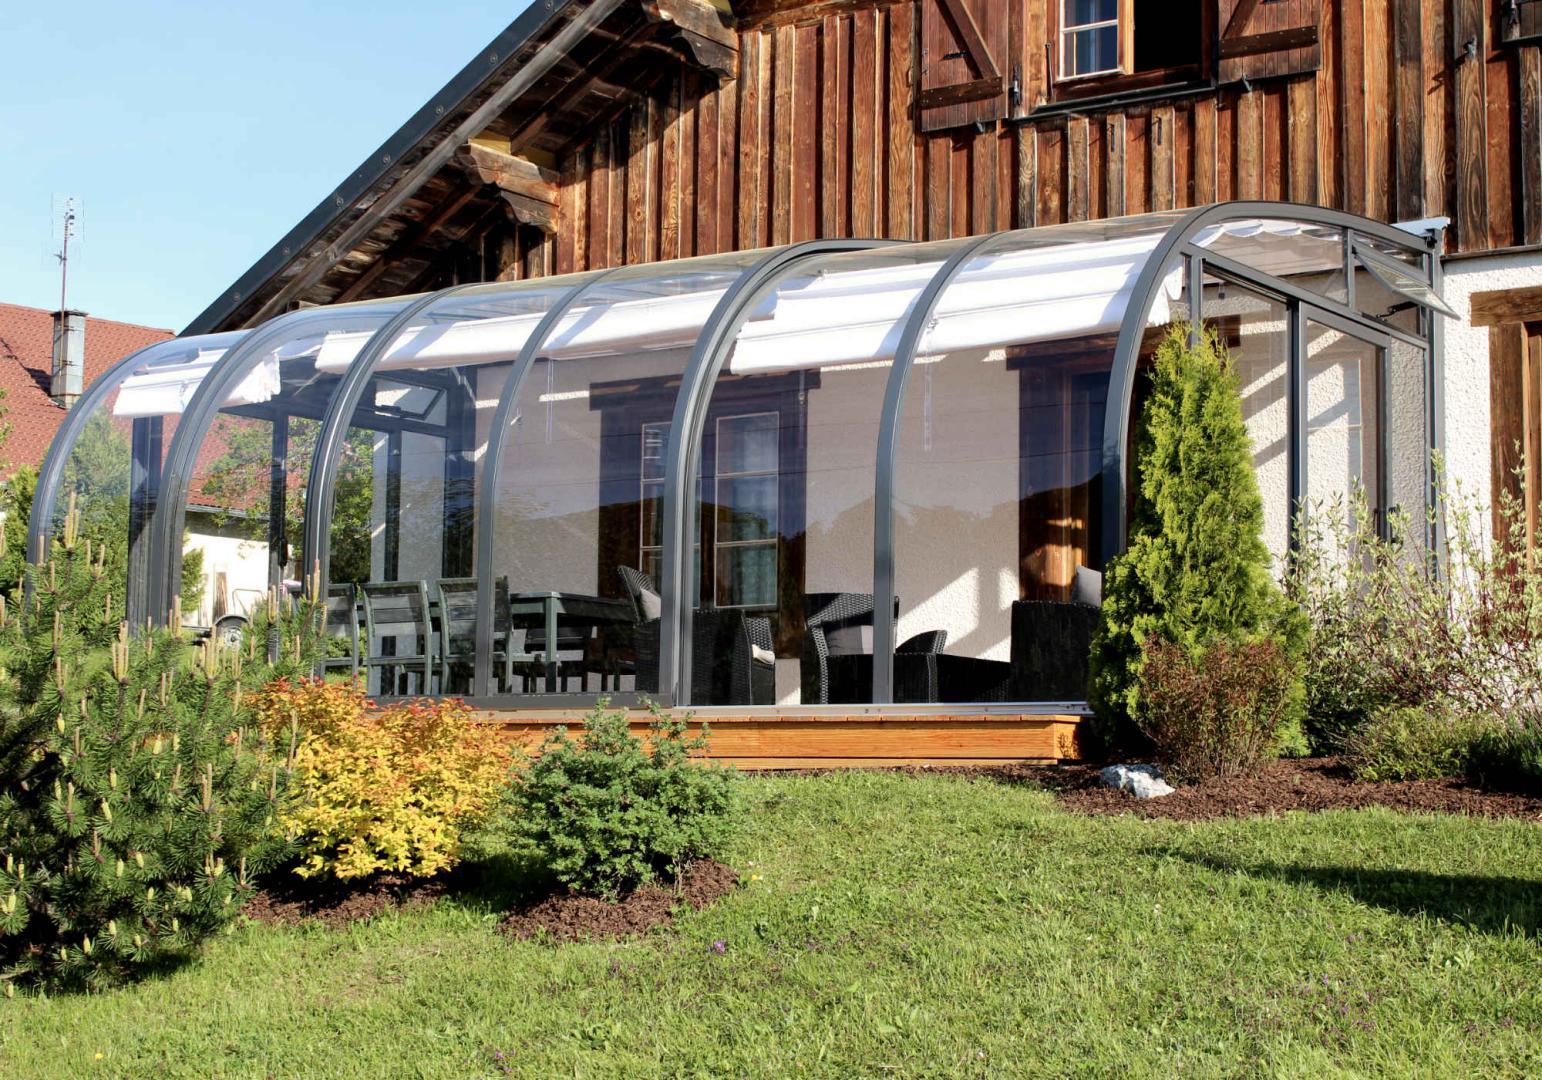 Abris Solar Verandas Rétractables I Abri Et Véranda Terrasse ... pour Abri De Terrasse Ferme